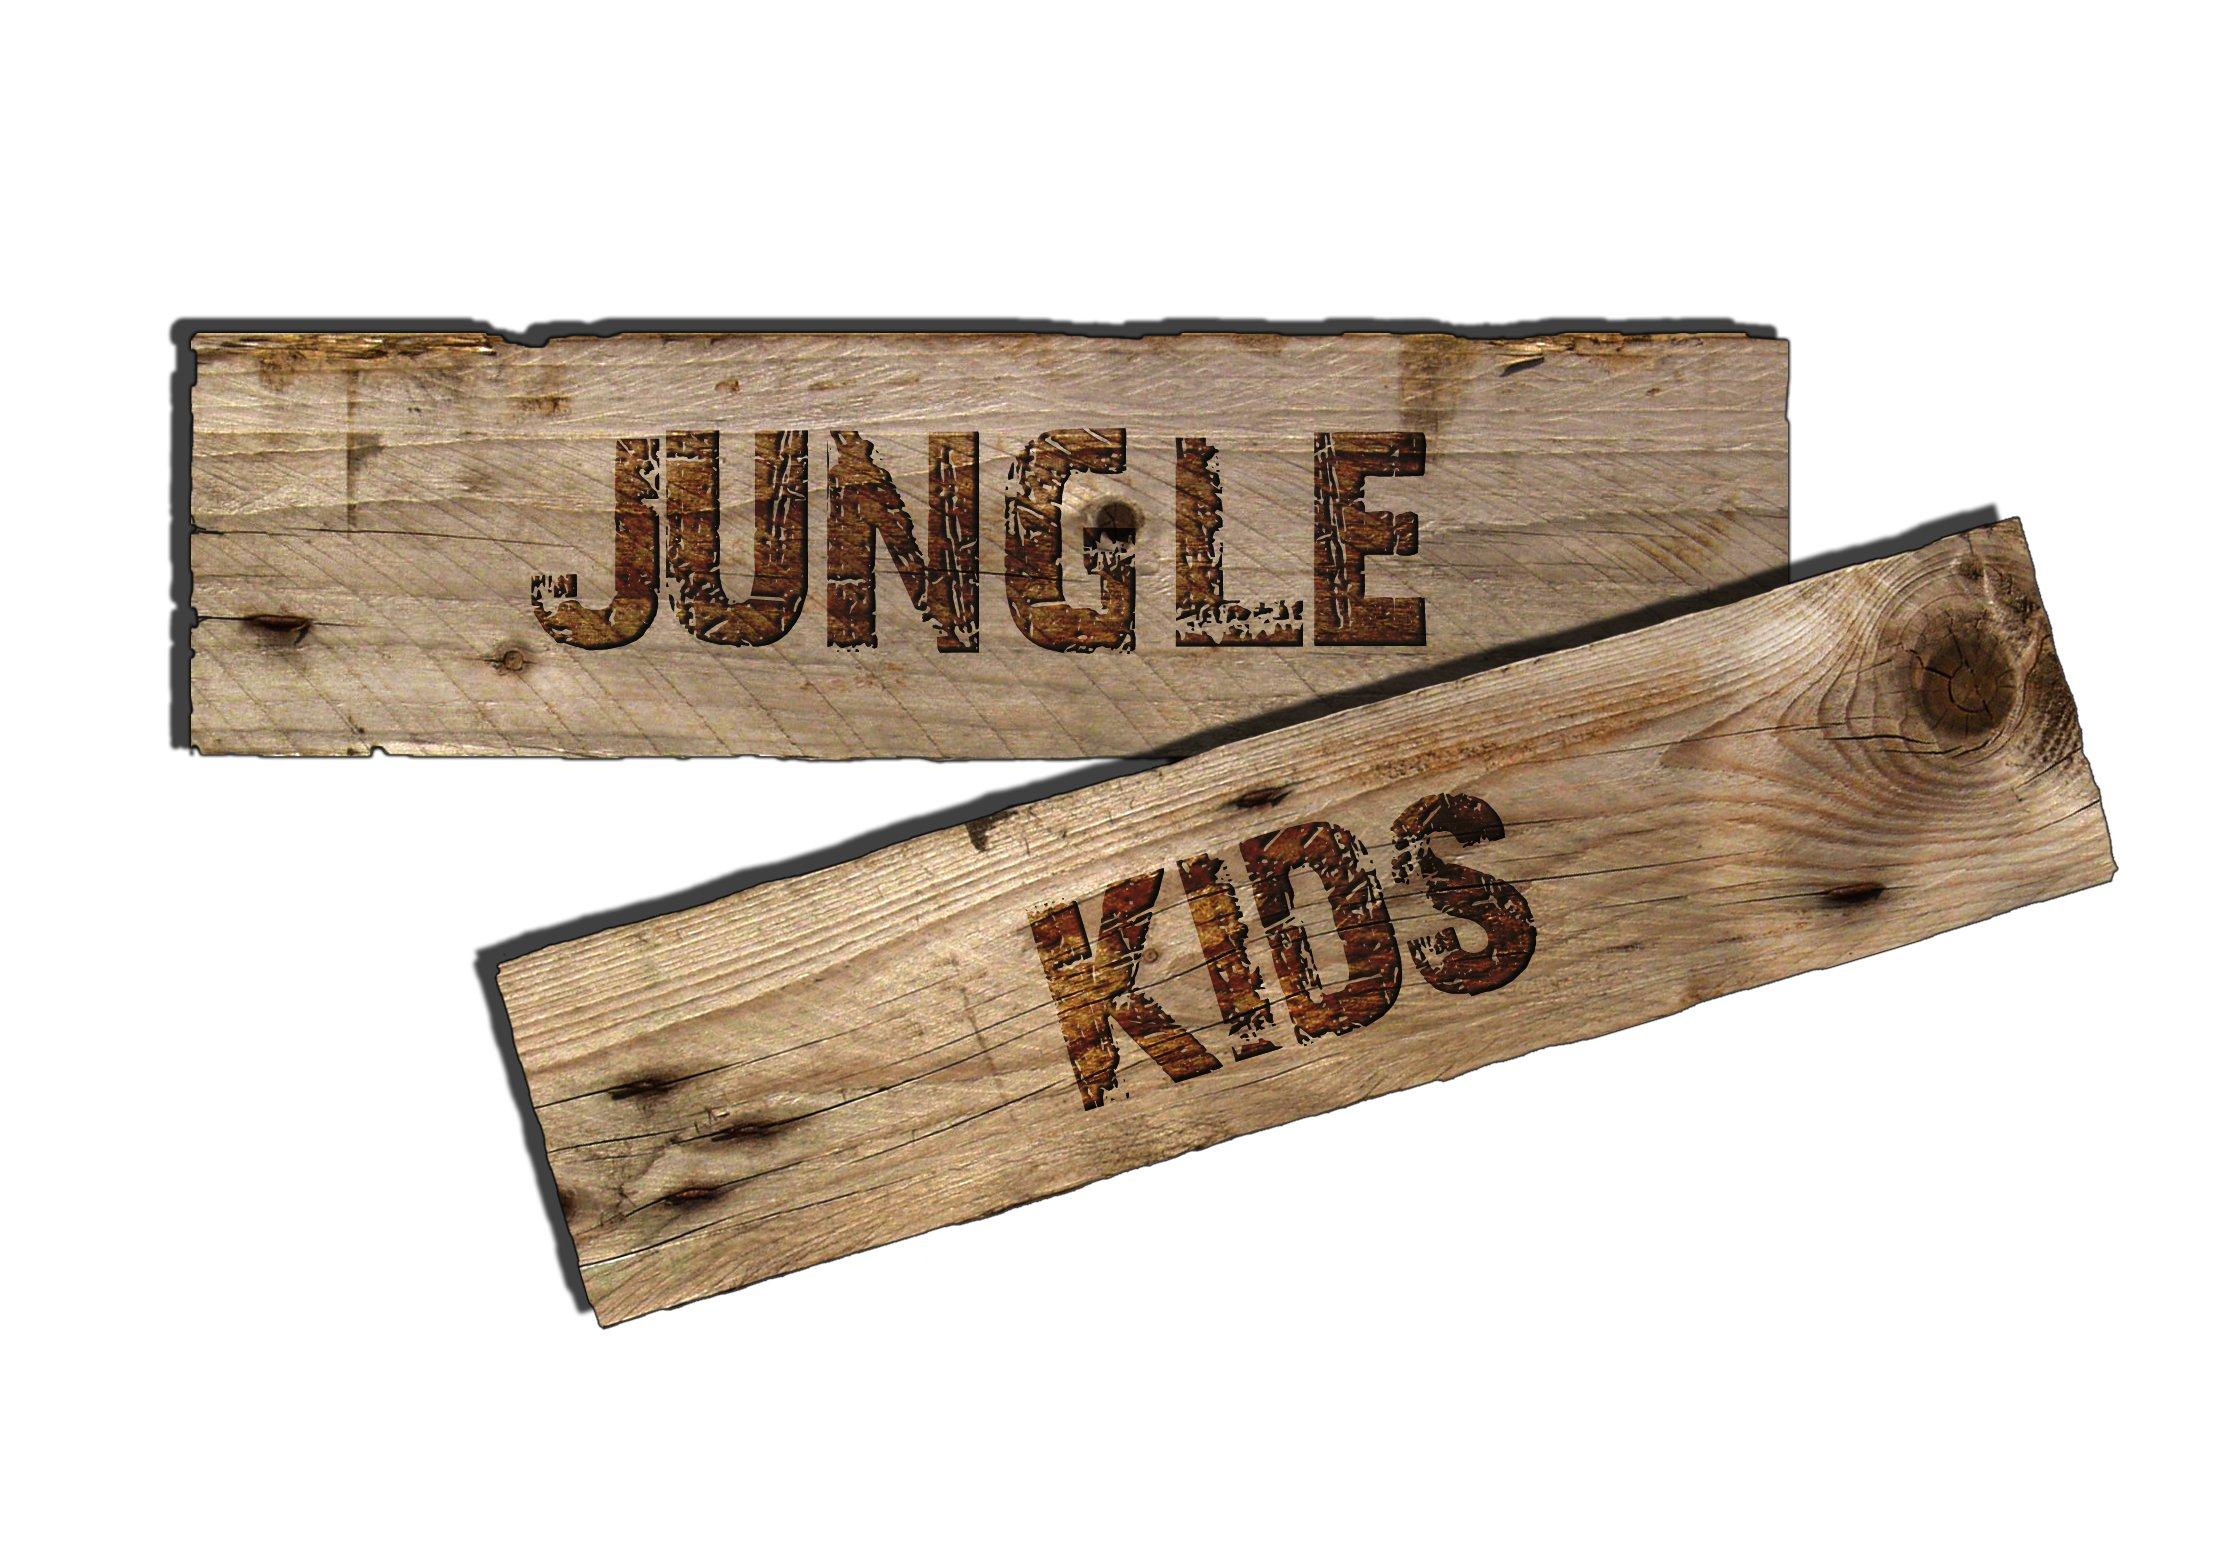 Jungle kidz